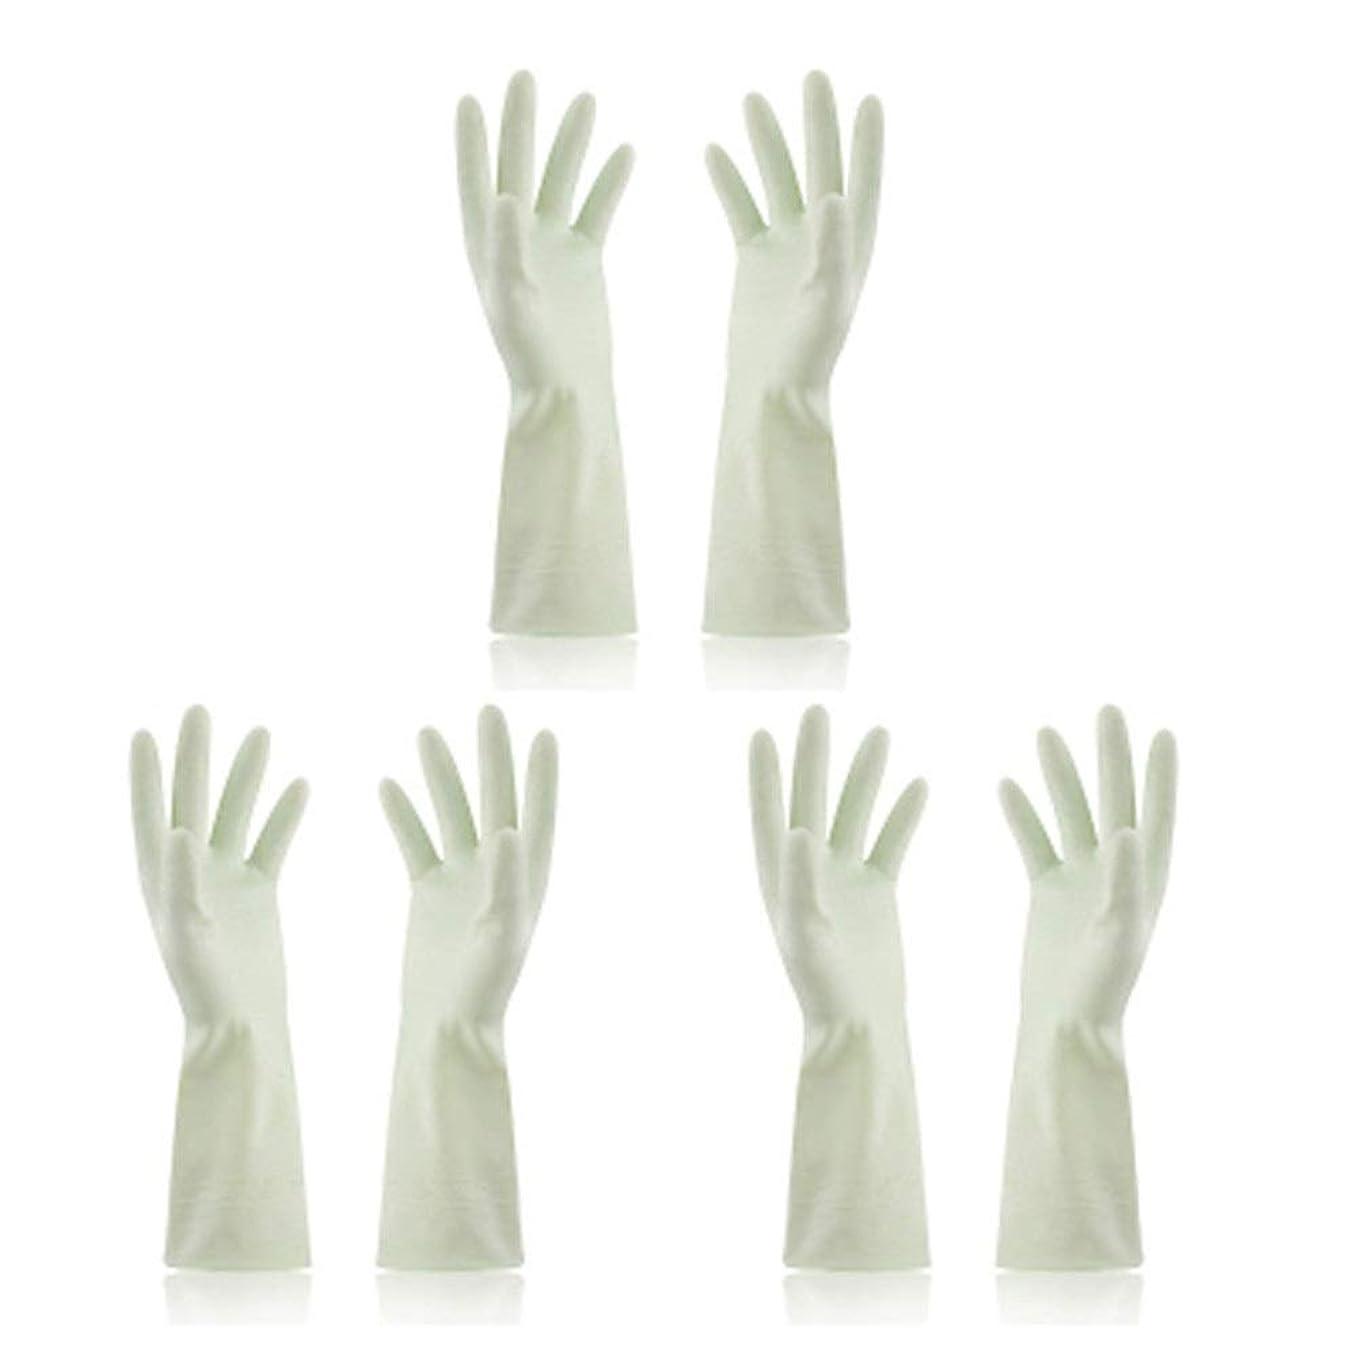 把握ご予約時計回りBTXXYJP キッチン用手袋 手袋 食器洗い 炊事 作業 食器洗い 掃除 園芸 洗車 防水 防油 手袋 (Color : Green, Size : M)